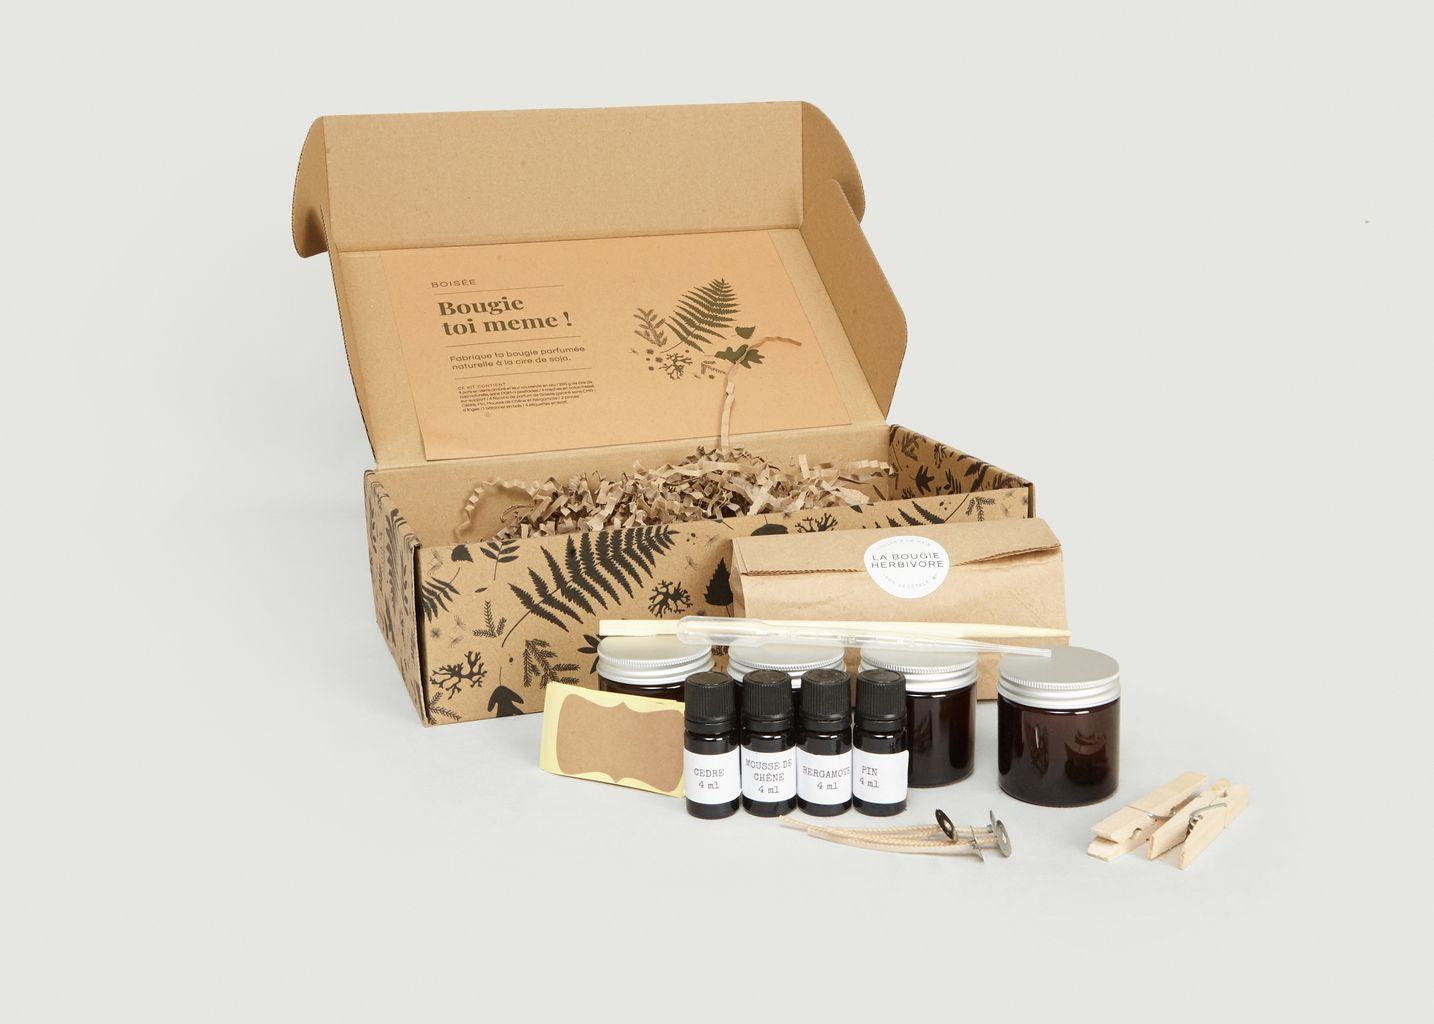 Kit DIY Parfums Floraux et Fruités - La Bougie Herbivore